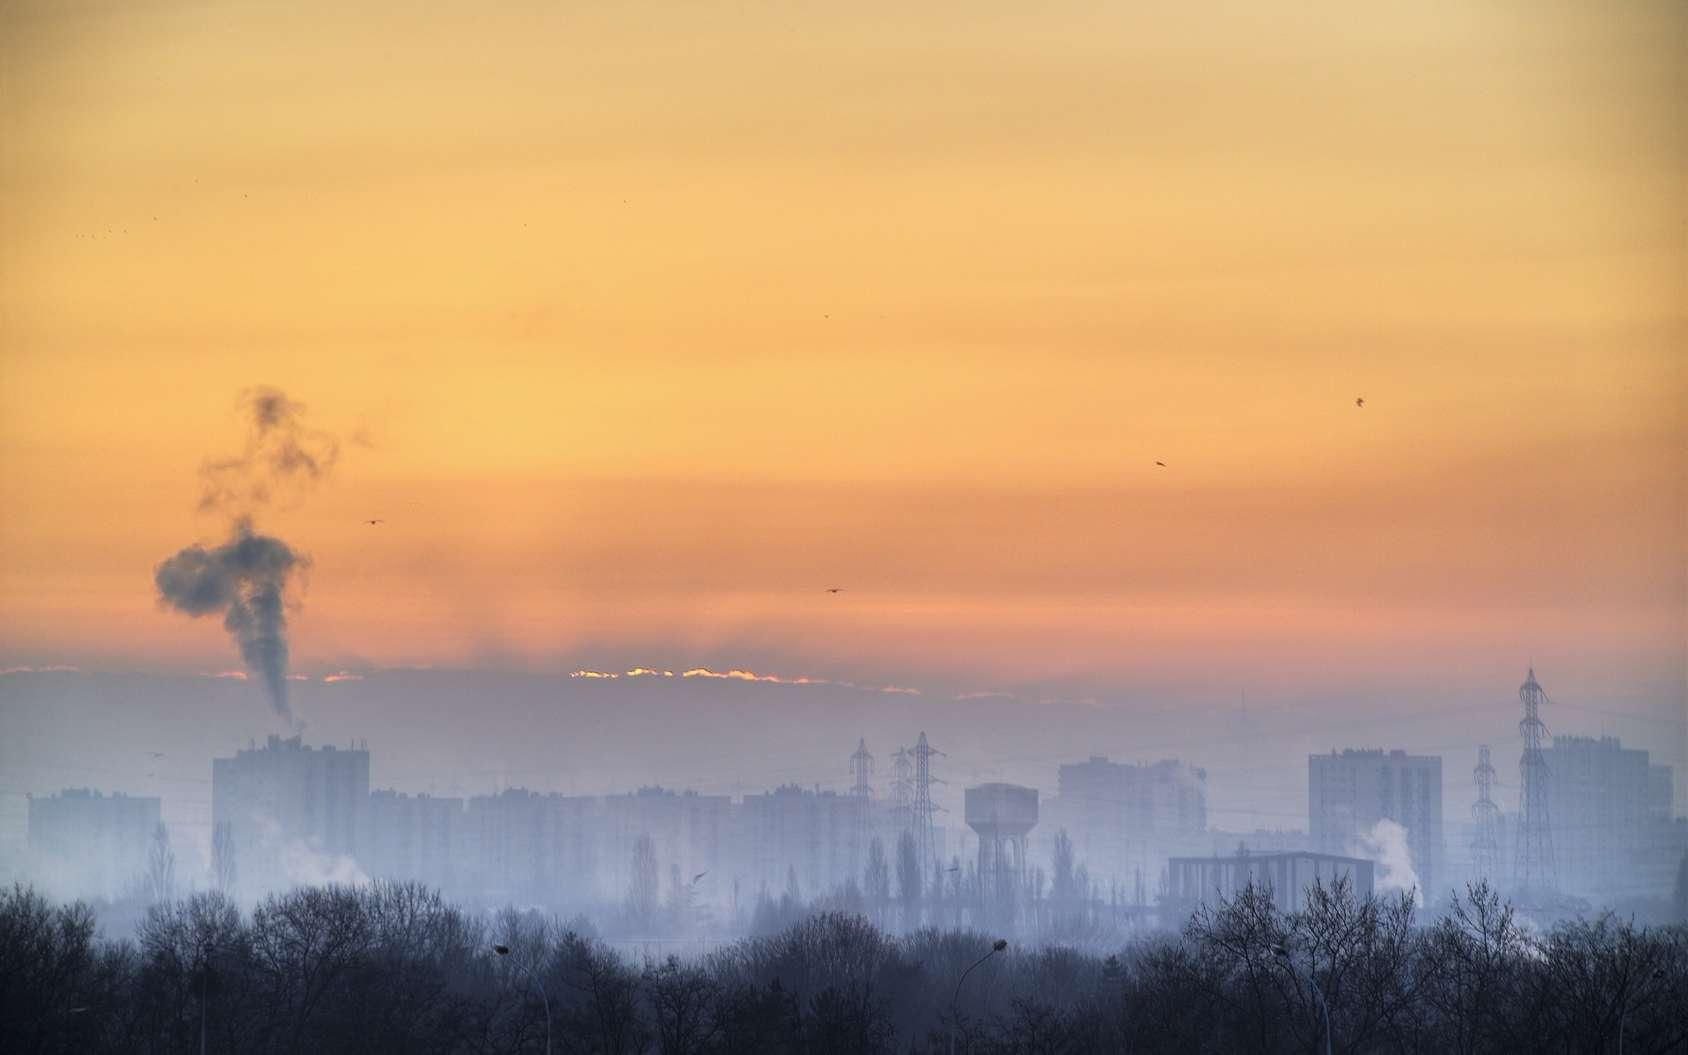 Une parisienne attaque l'État au motif que la pollution de l'air serait à l'origine de ses problèmes de santé. Une initiative qui vise surtout à une prise de conscience. © FG, Fotolia